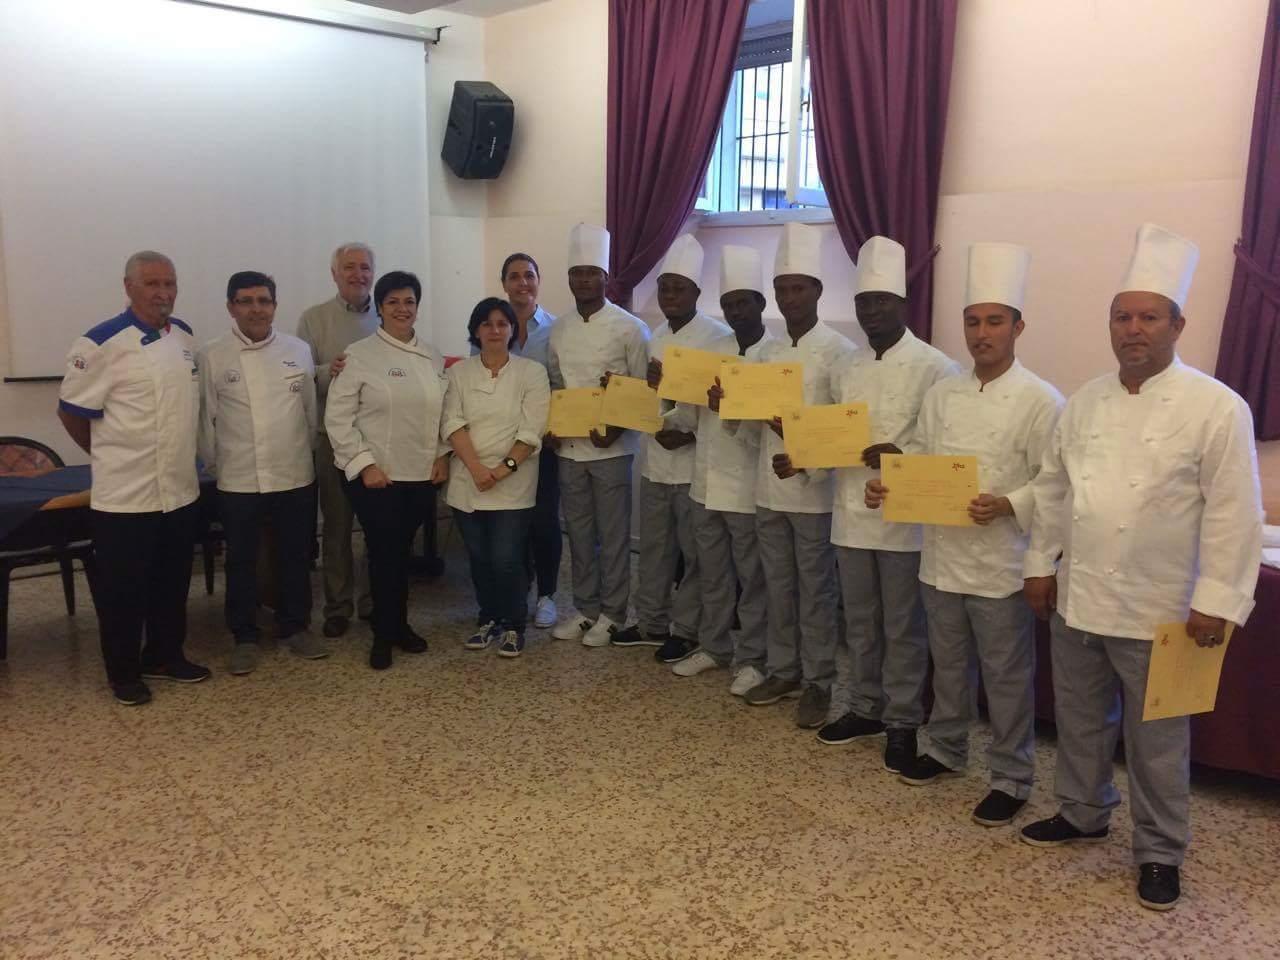 Arci Civitavecchia: Concluso il corso di cucina per sette ragazzi del progetto SPRAR